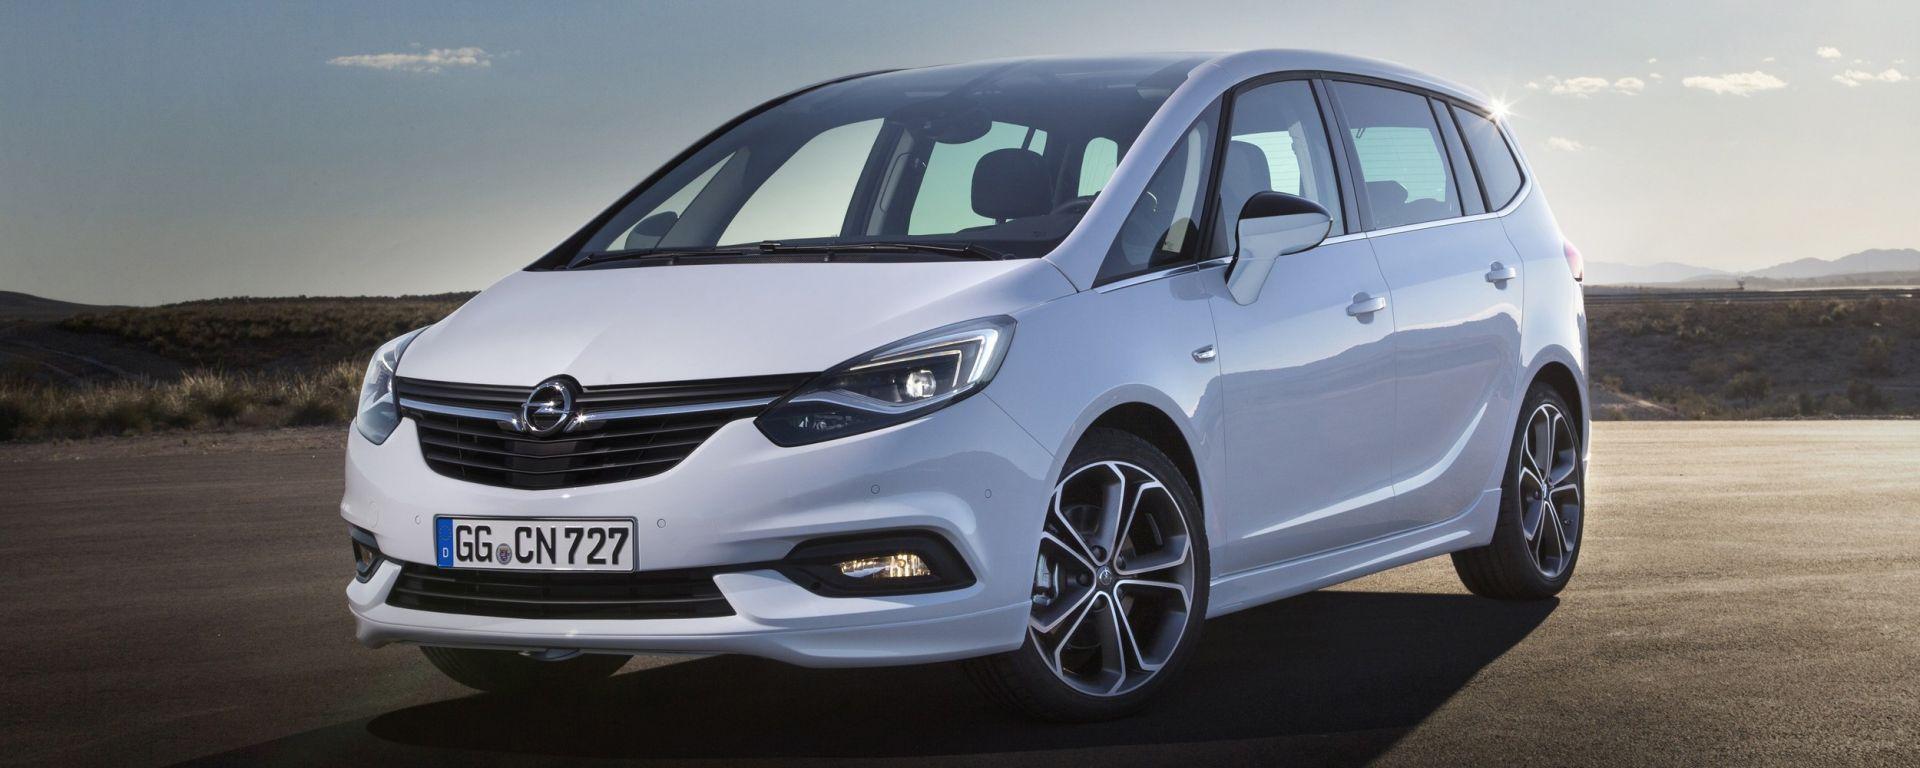 Nuova Opel Zafira 2017: nuovo look e più tecnologia